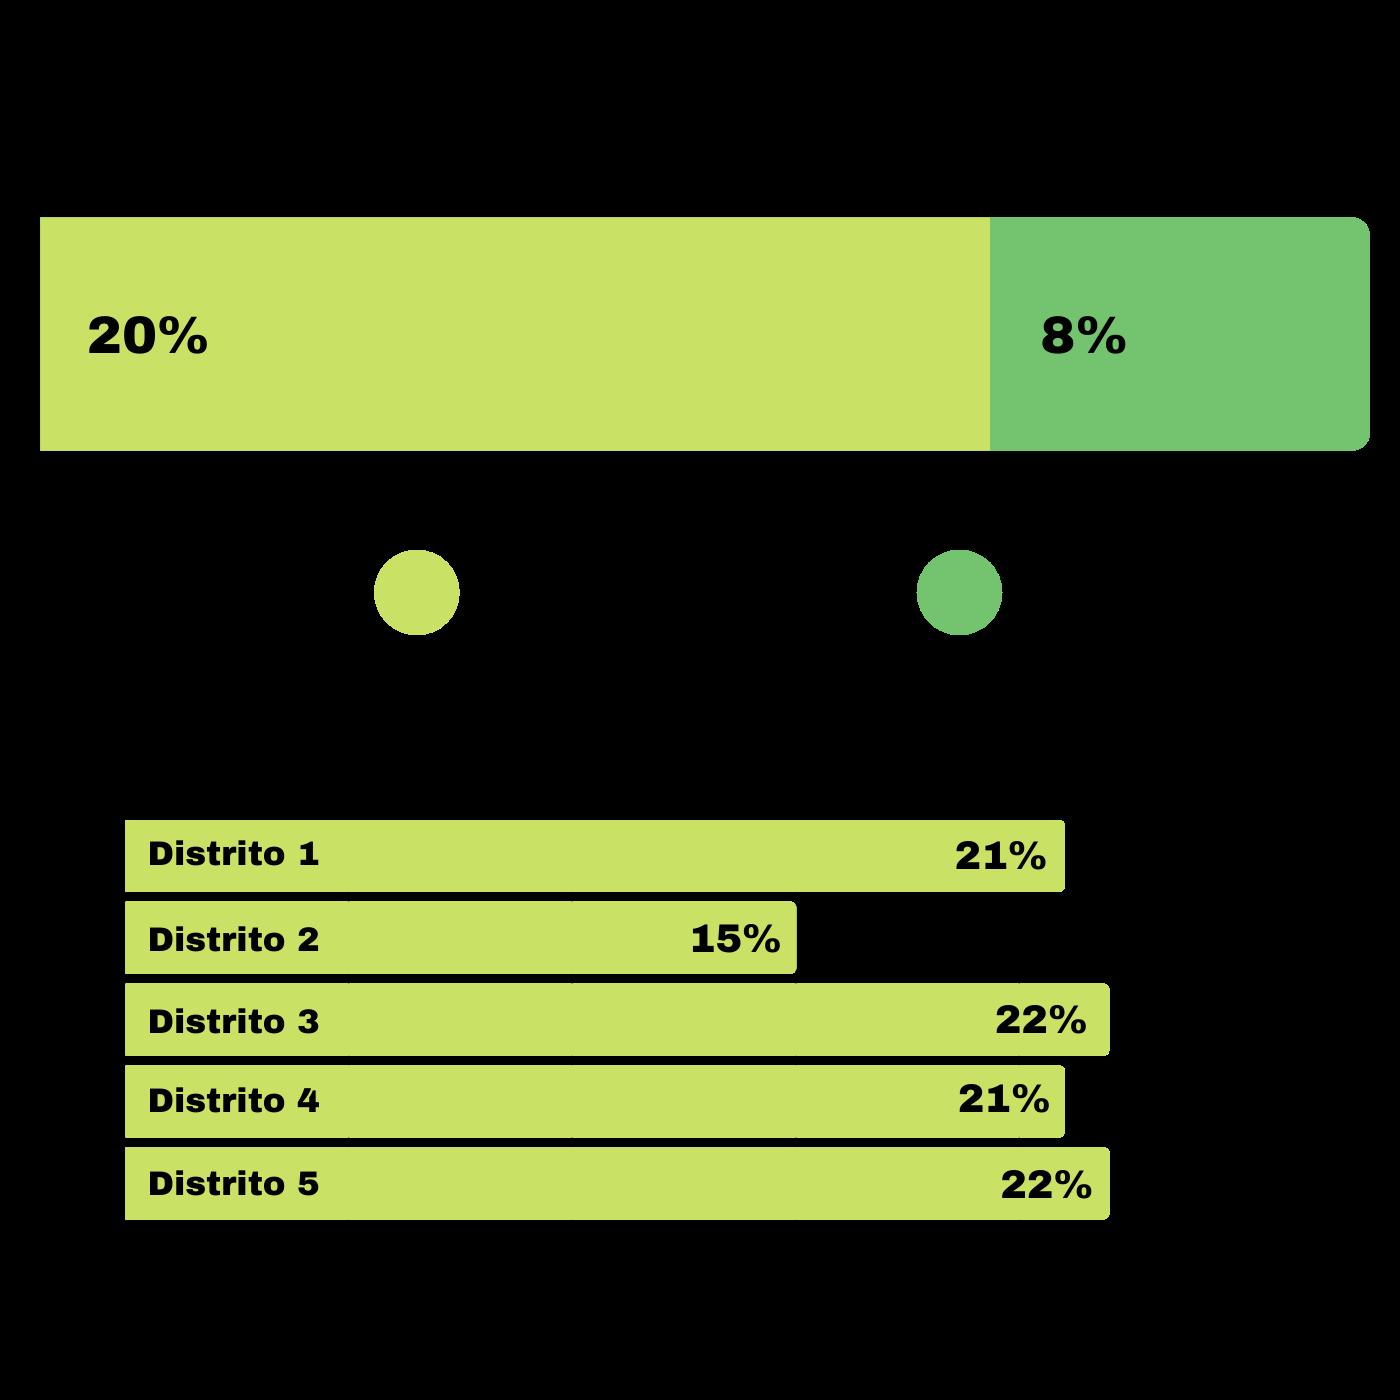 El Refuerzo De Transporte Público Y El Parqueo En Santa Tecla. Encuesta parqueo. Infografía. Roberto d'Aubuisson. 2021